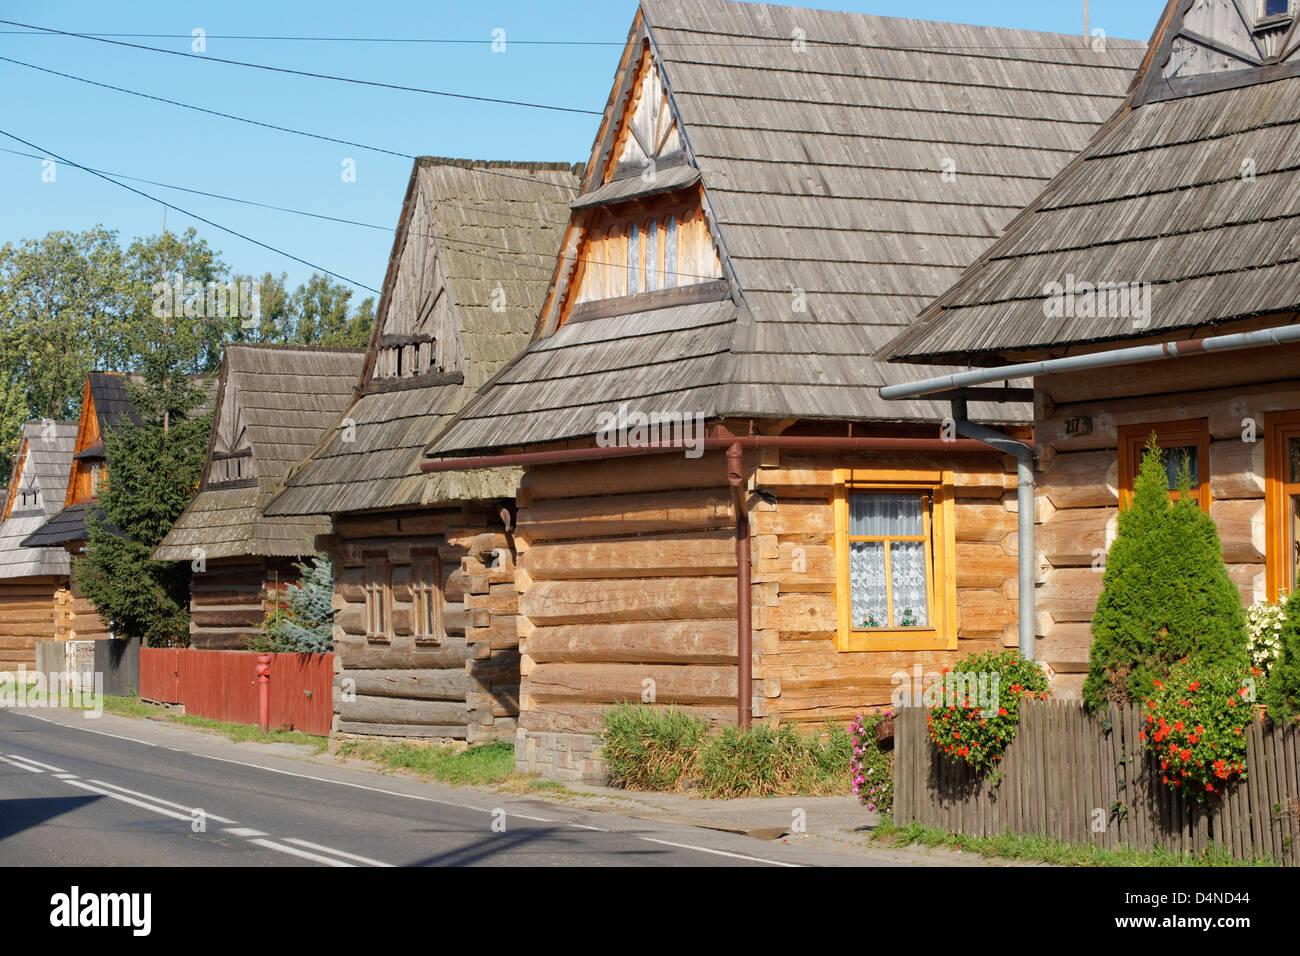 Traditionelle Holzhäuser, Chocholow. Kleinpolen, Polen Stockfoto ...